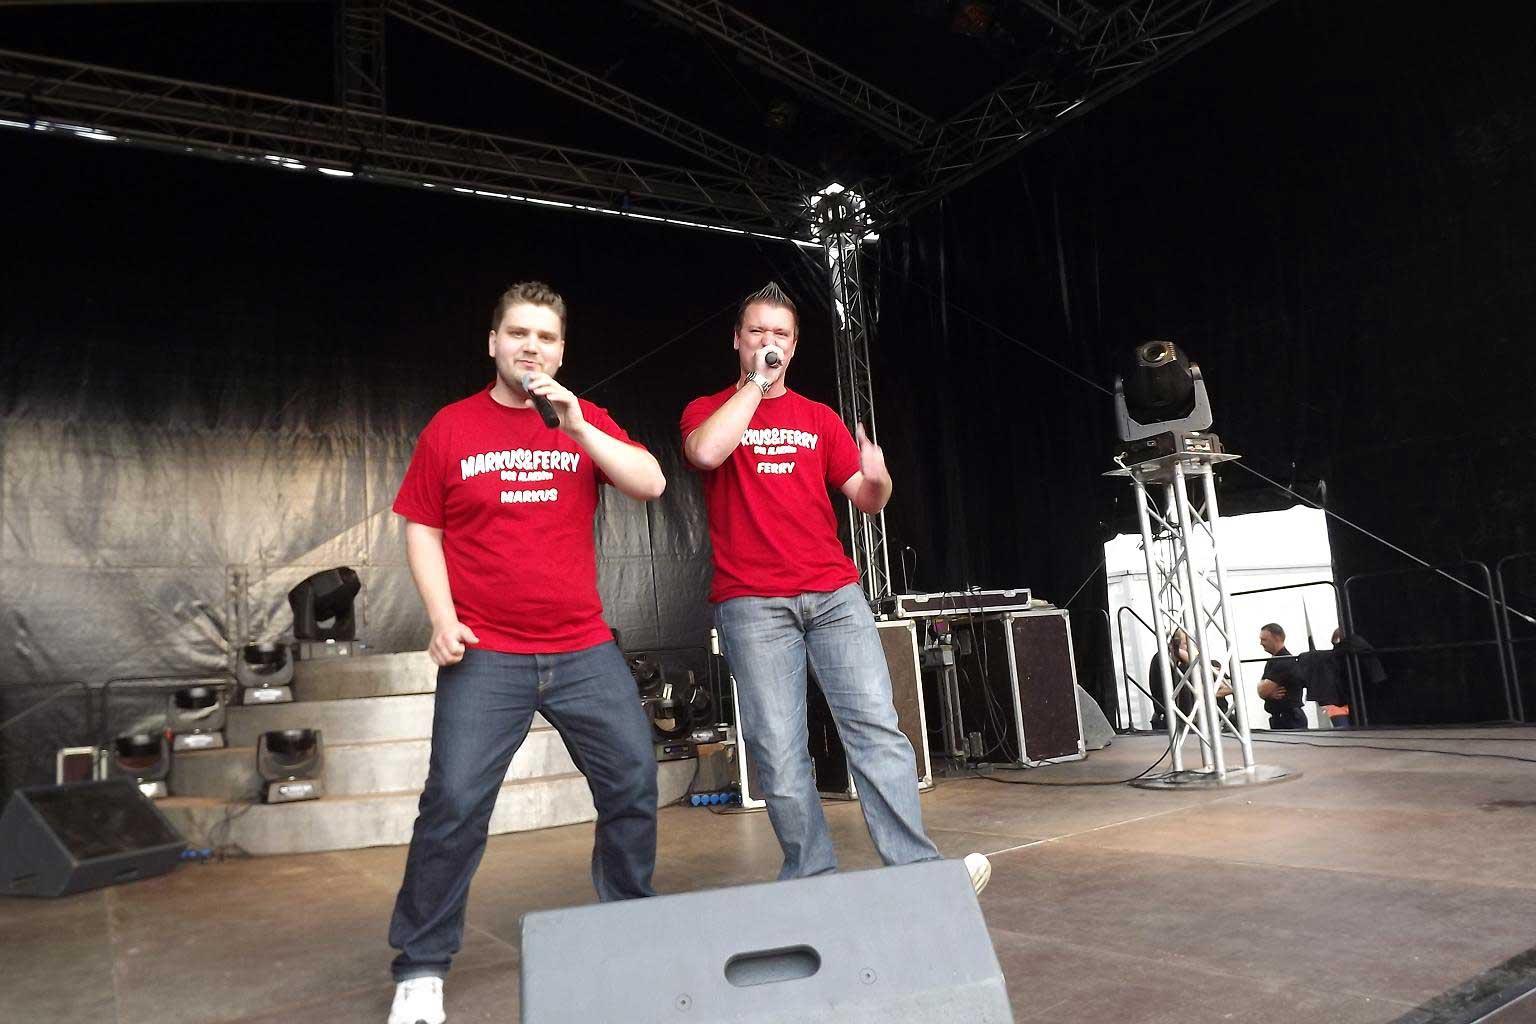 Auftritt Markus und Ferry Wertheim